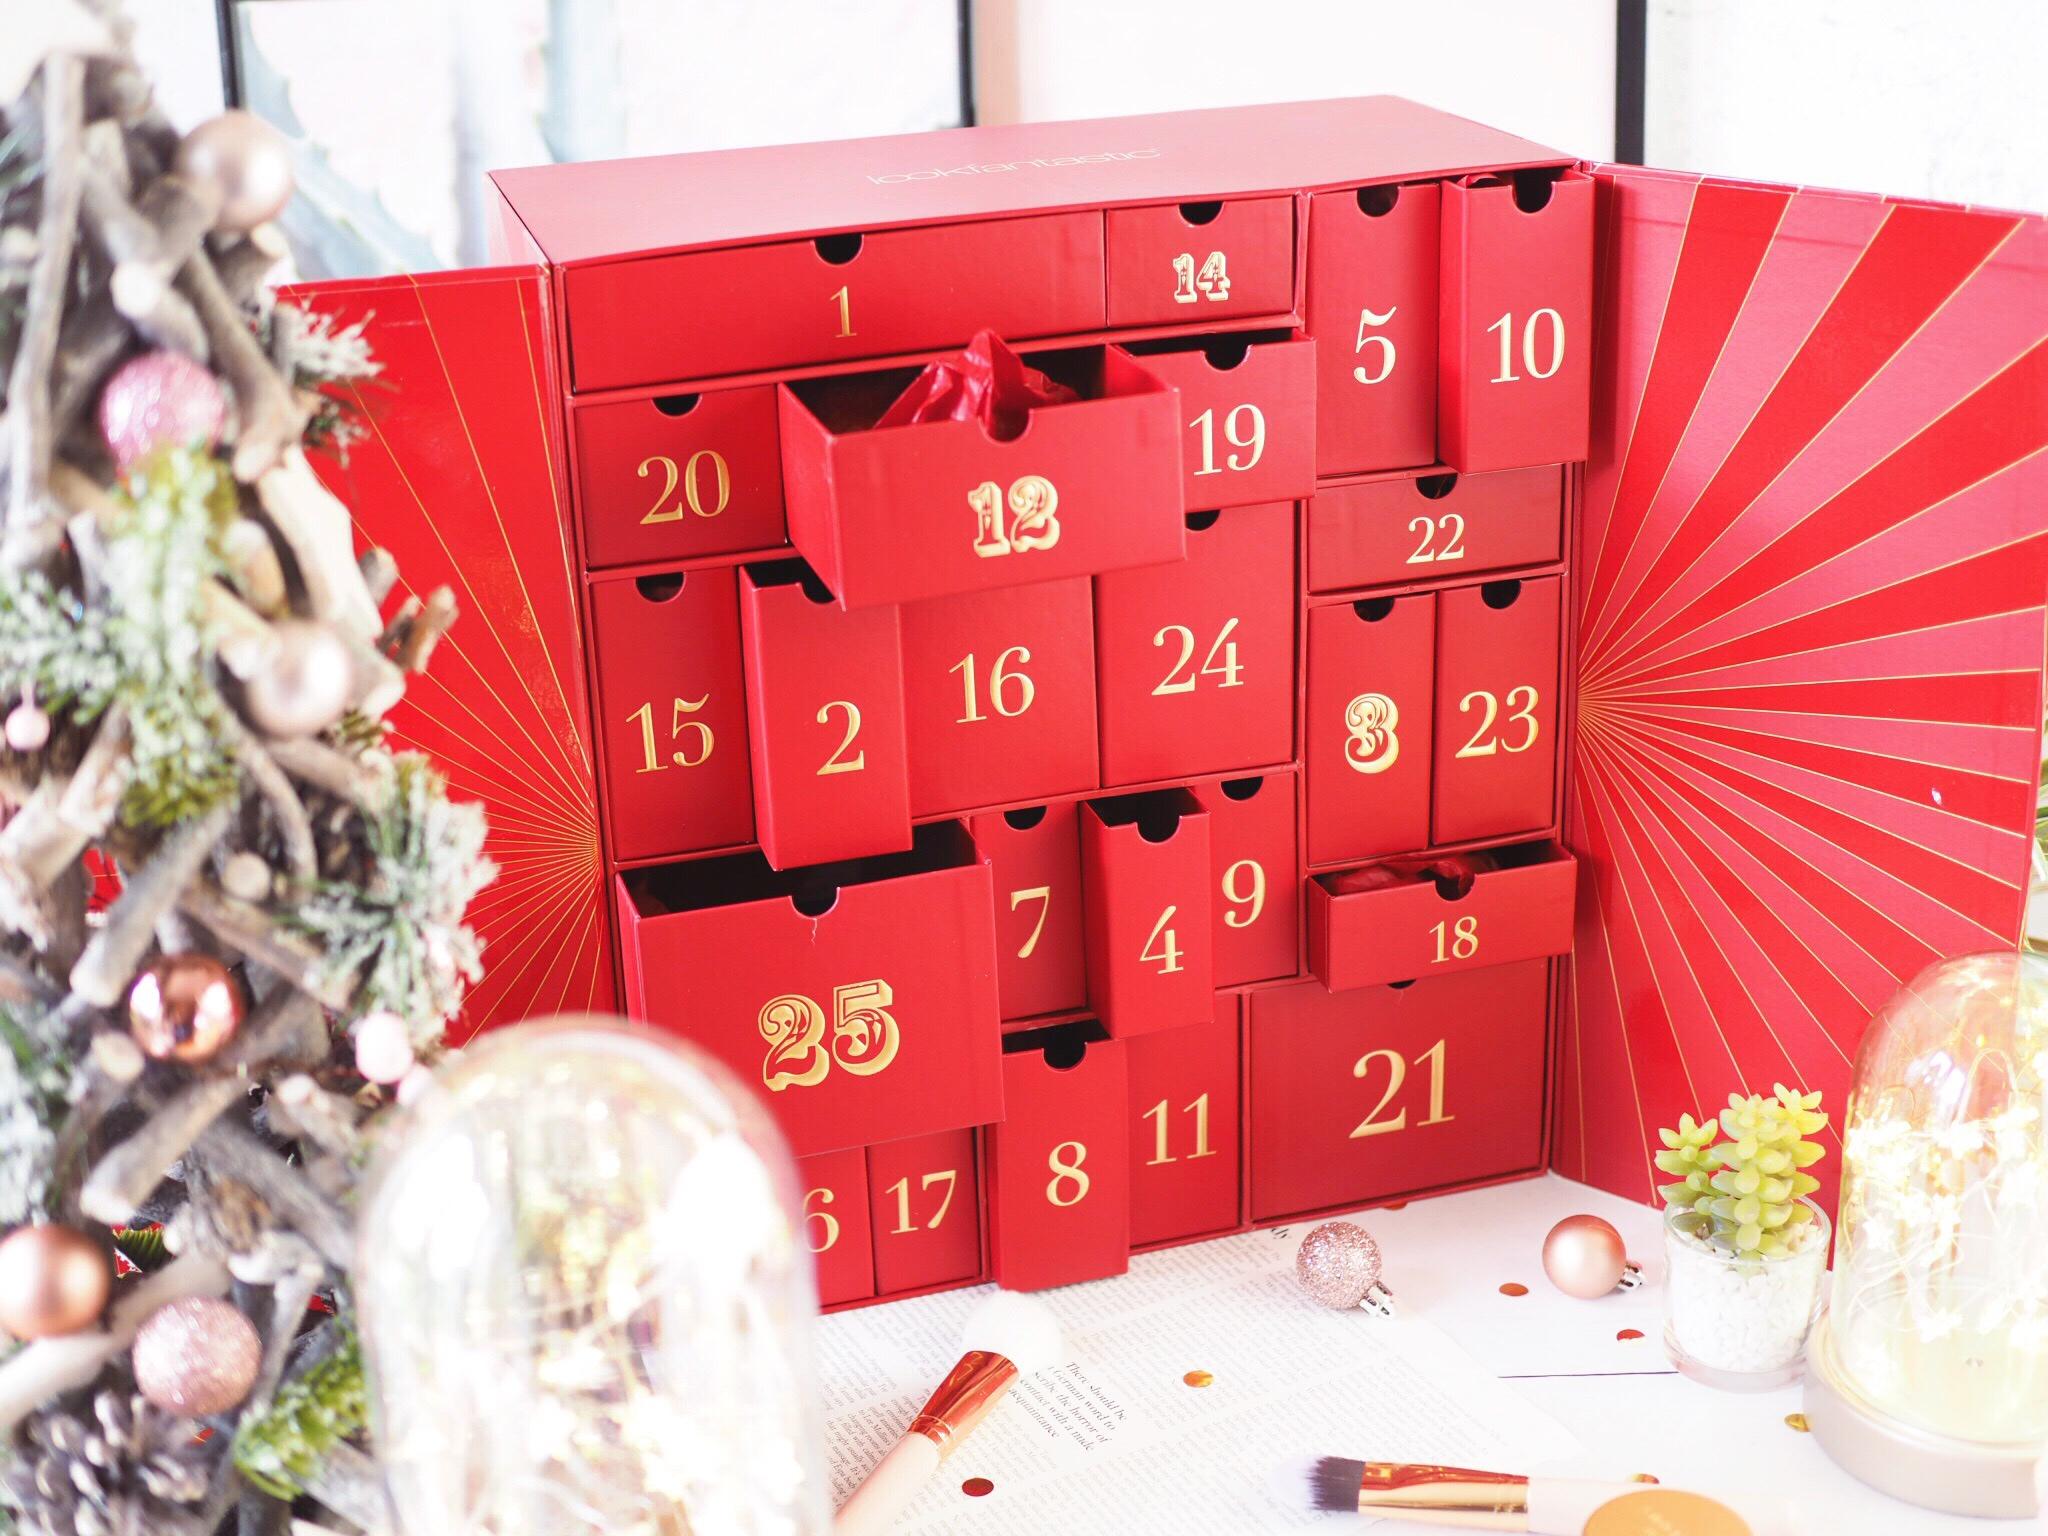 Look fantastic advent calendar 2020